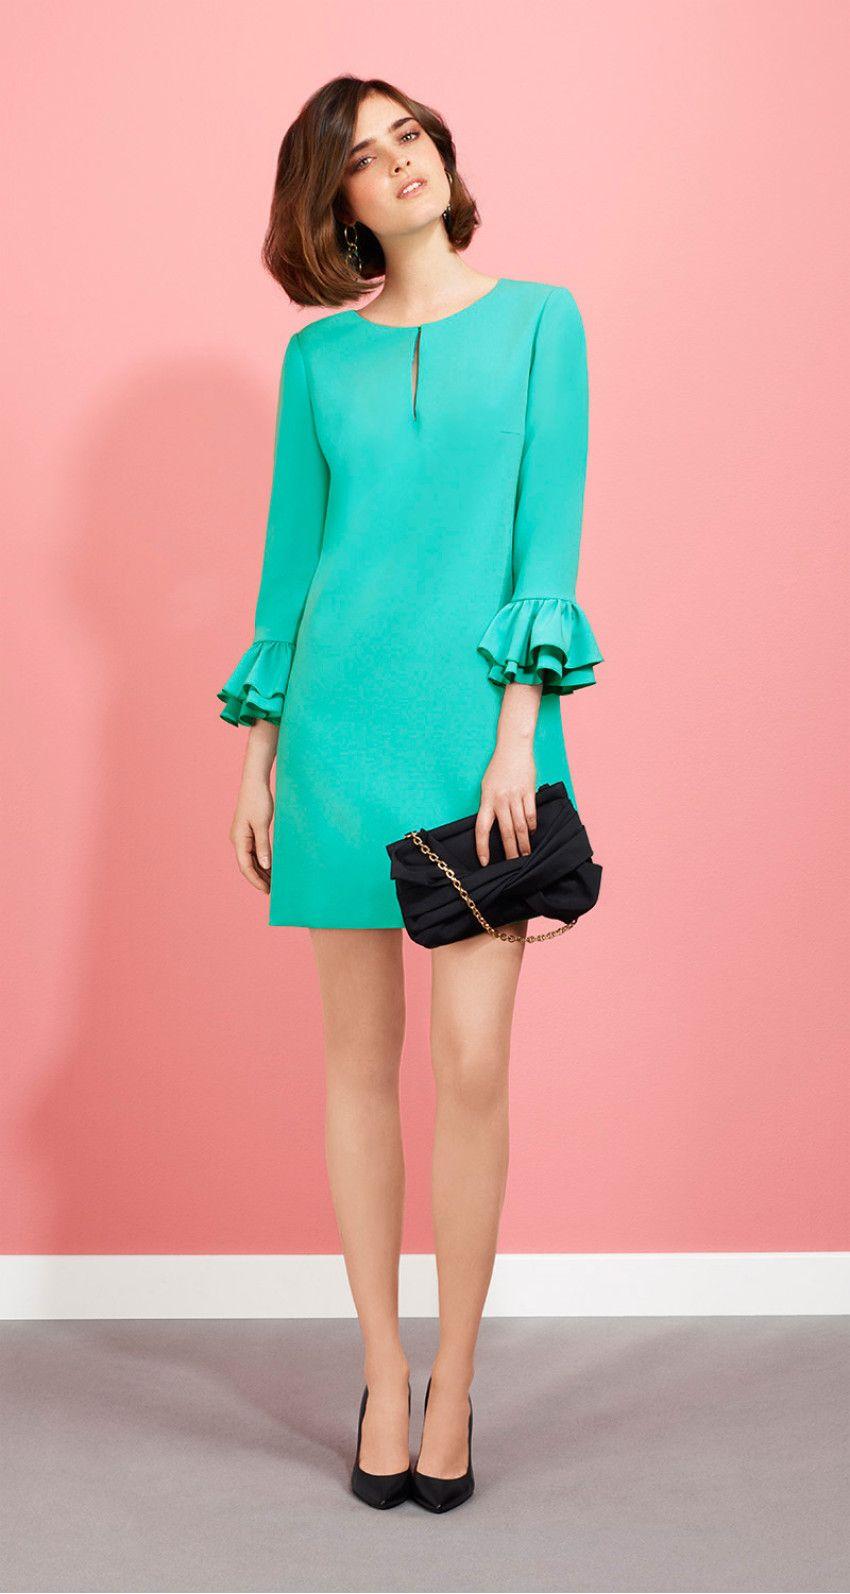 vestido verde turquesa corto manga larga | vestidos | Pinterest ...